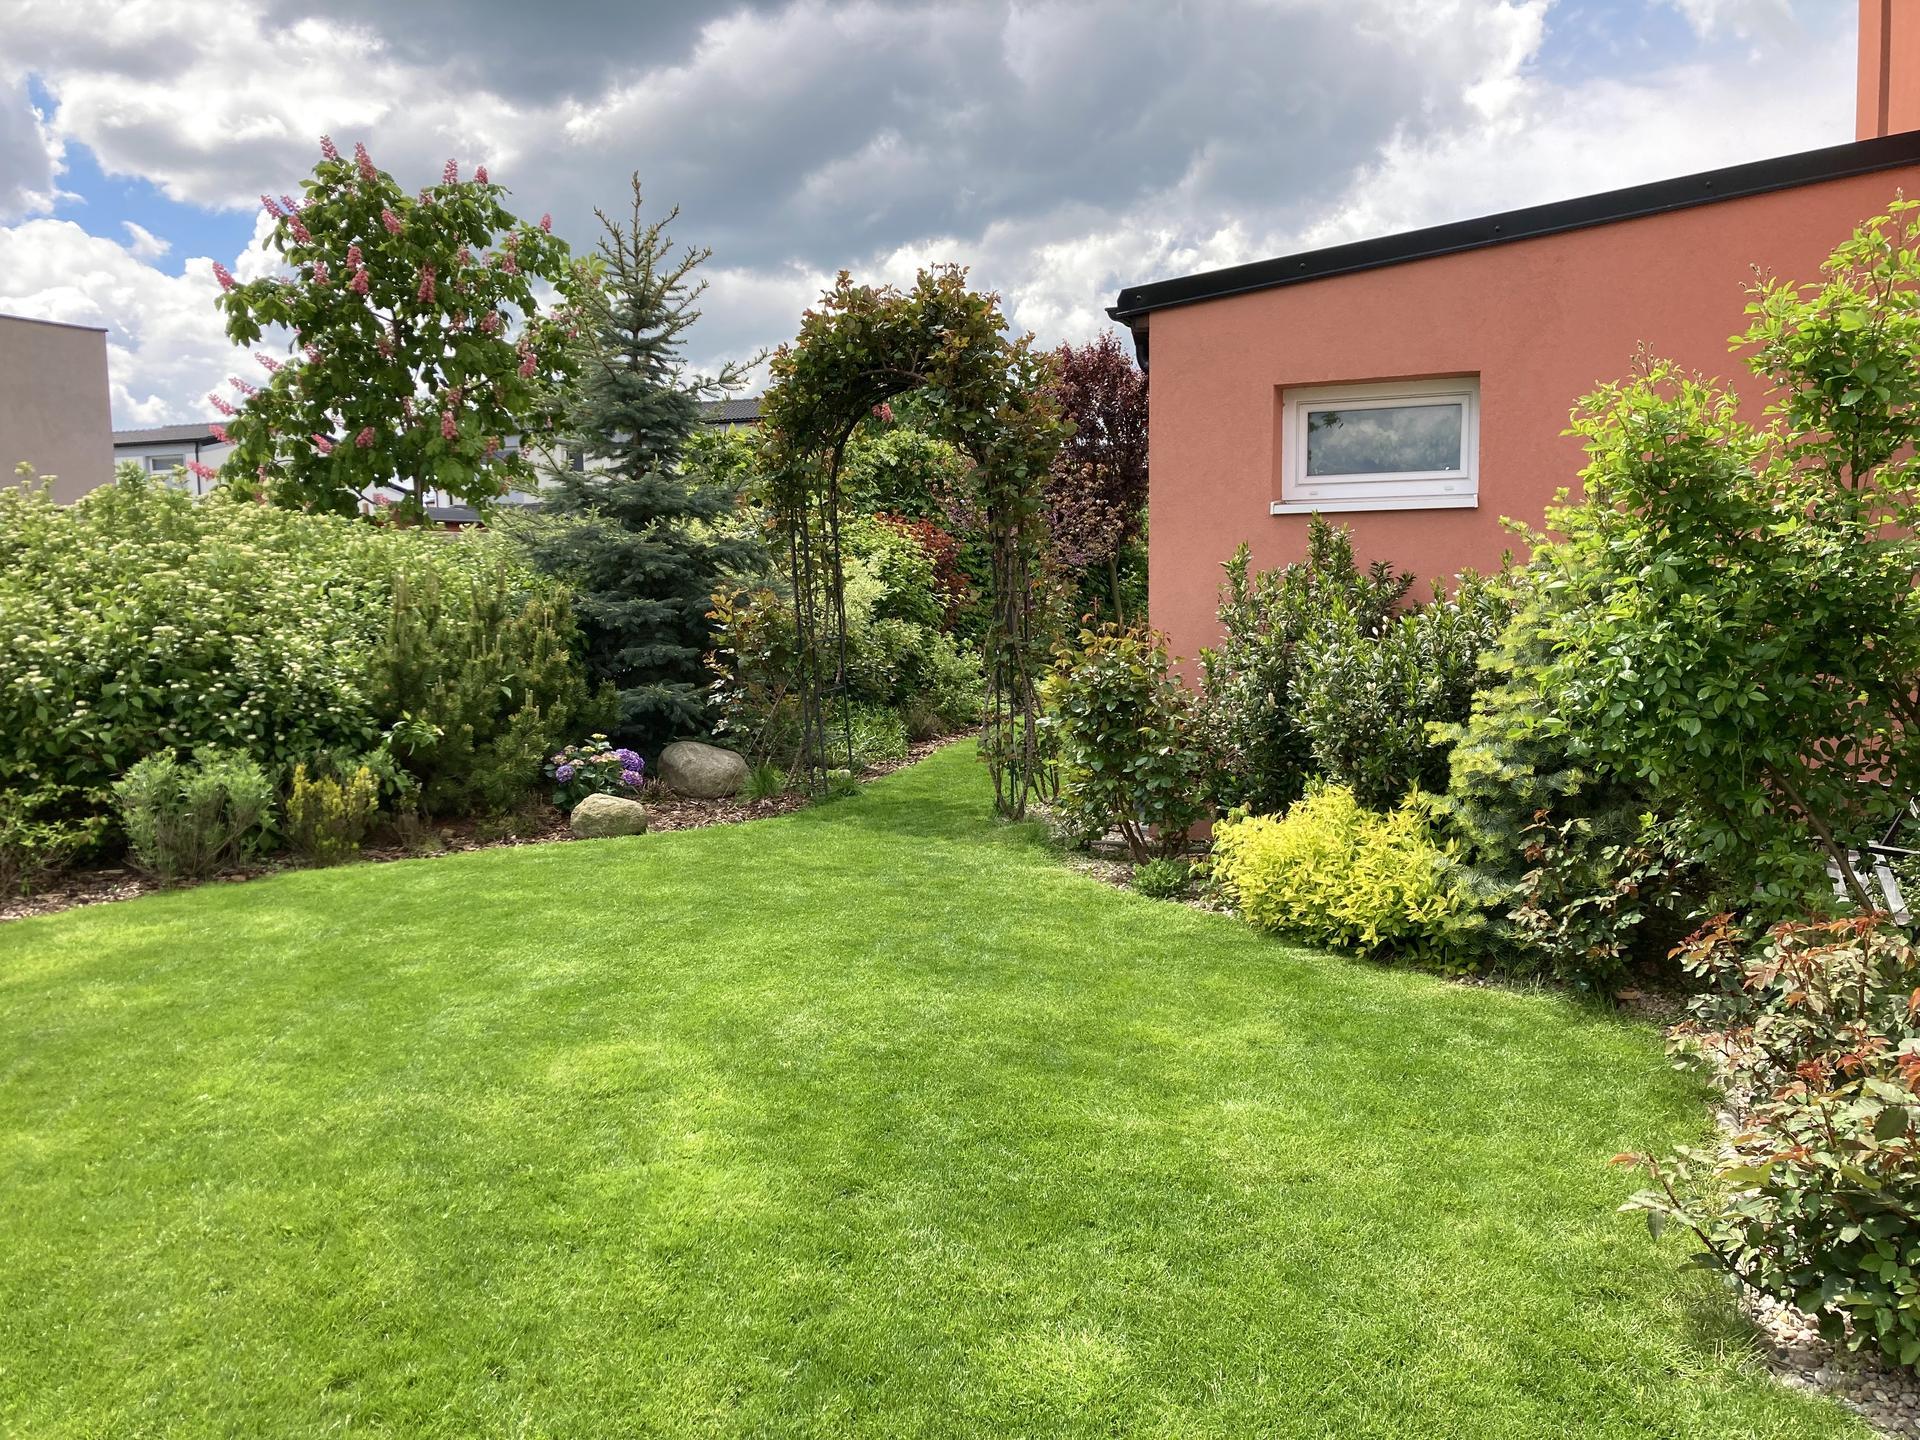 Zahrada 2021 - cerstve posekano😊